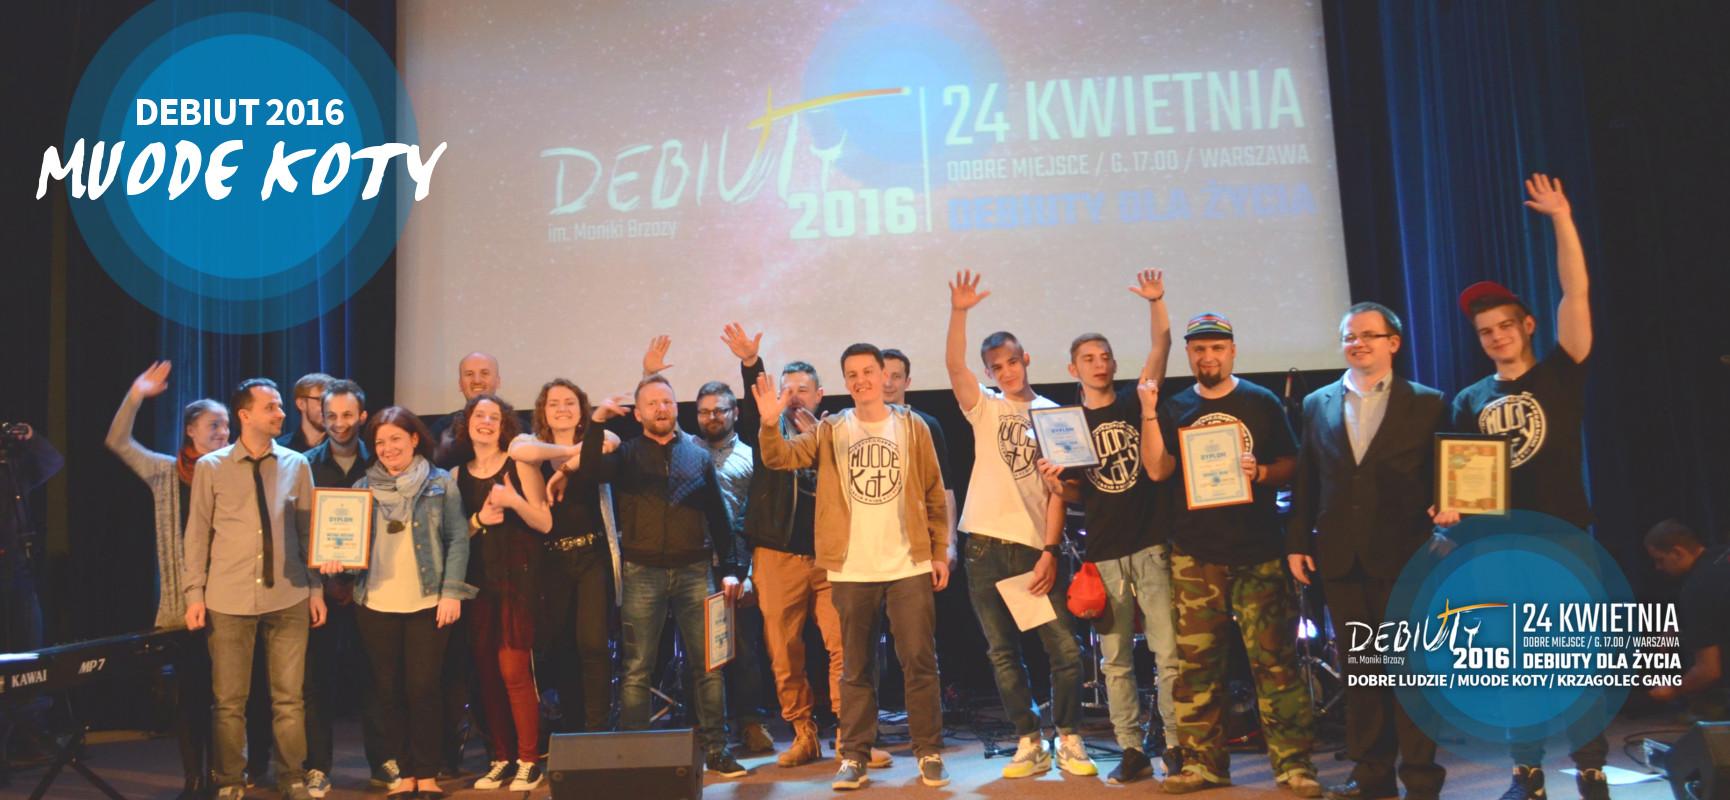 Debiuty 2016 - Muode Koty